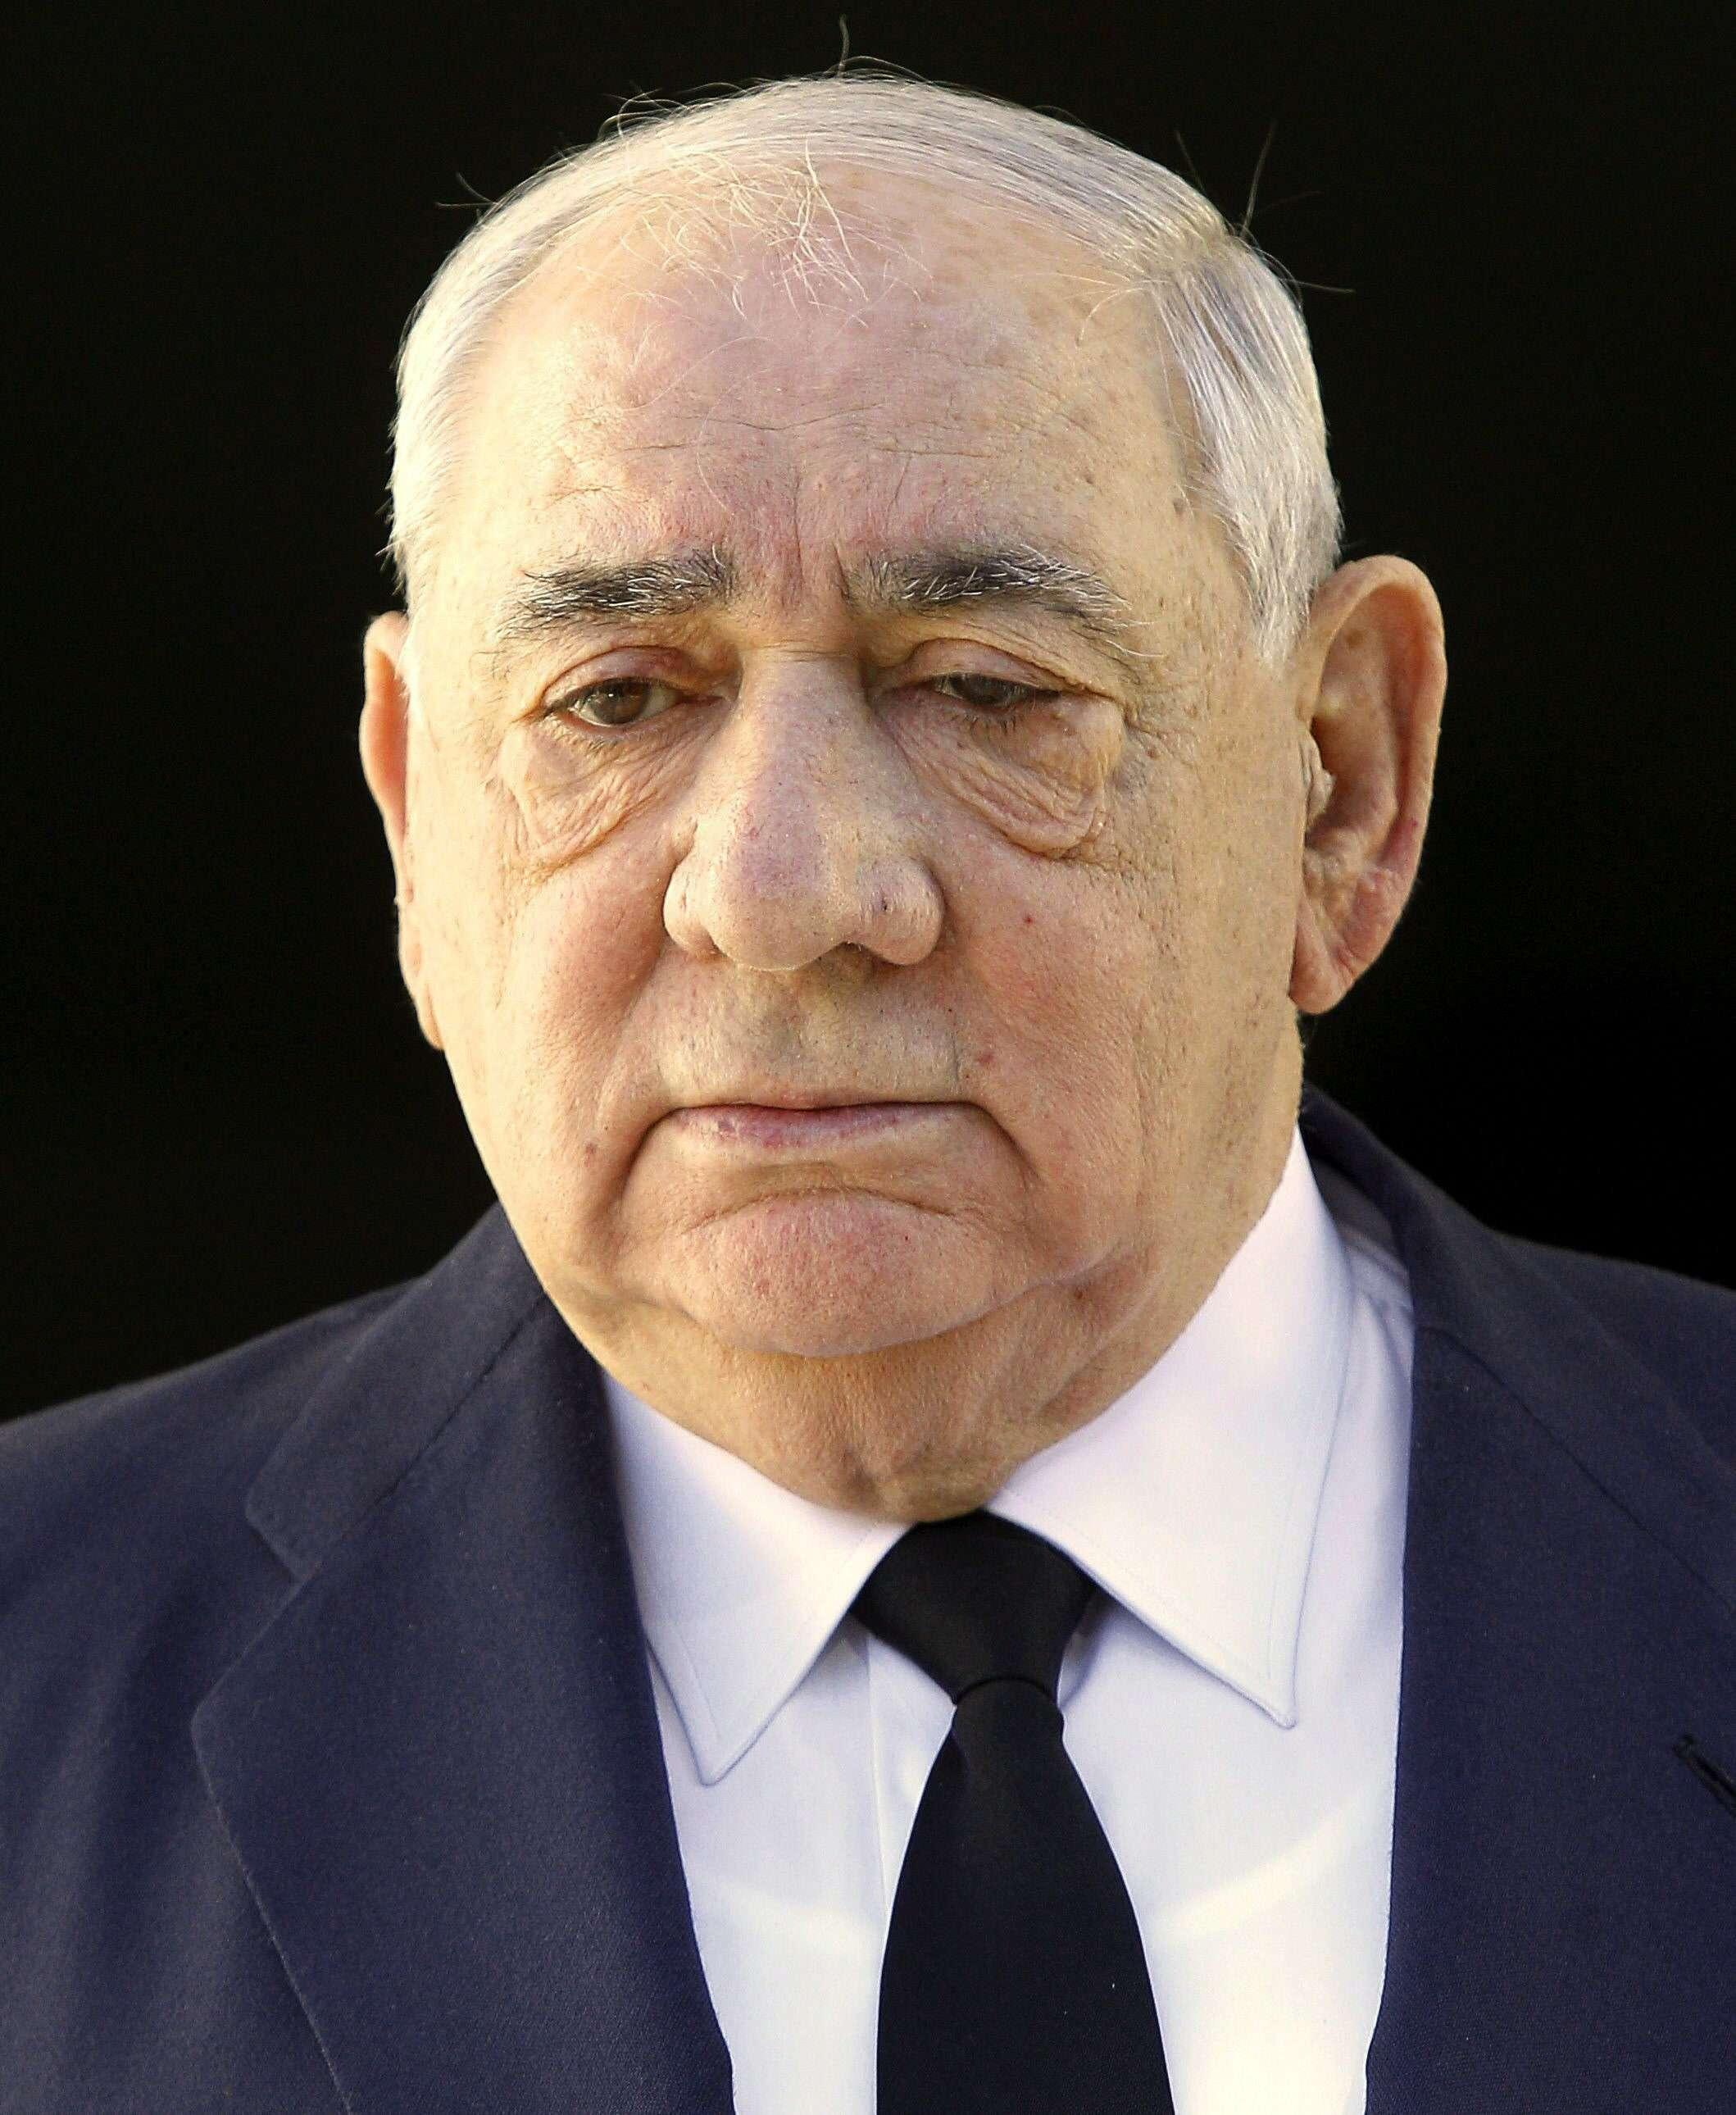 Fotografía de archivo, fechada en Madrid el 26 de agosto de 2012, de Isidoro Alvarez, presidente de El Corte Inglés. Foto: EFE / Archivo